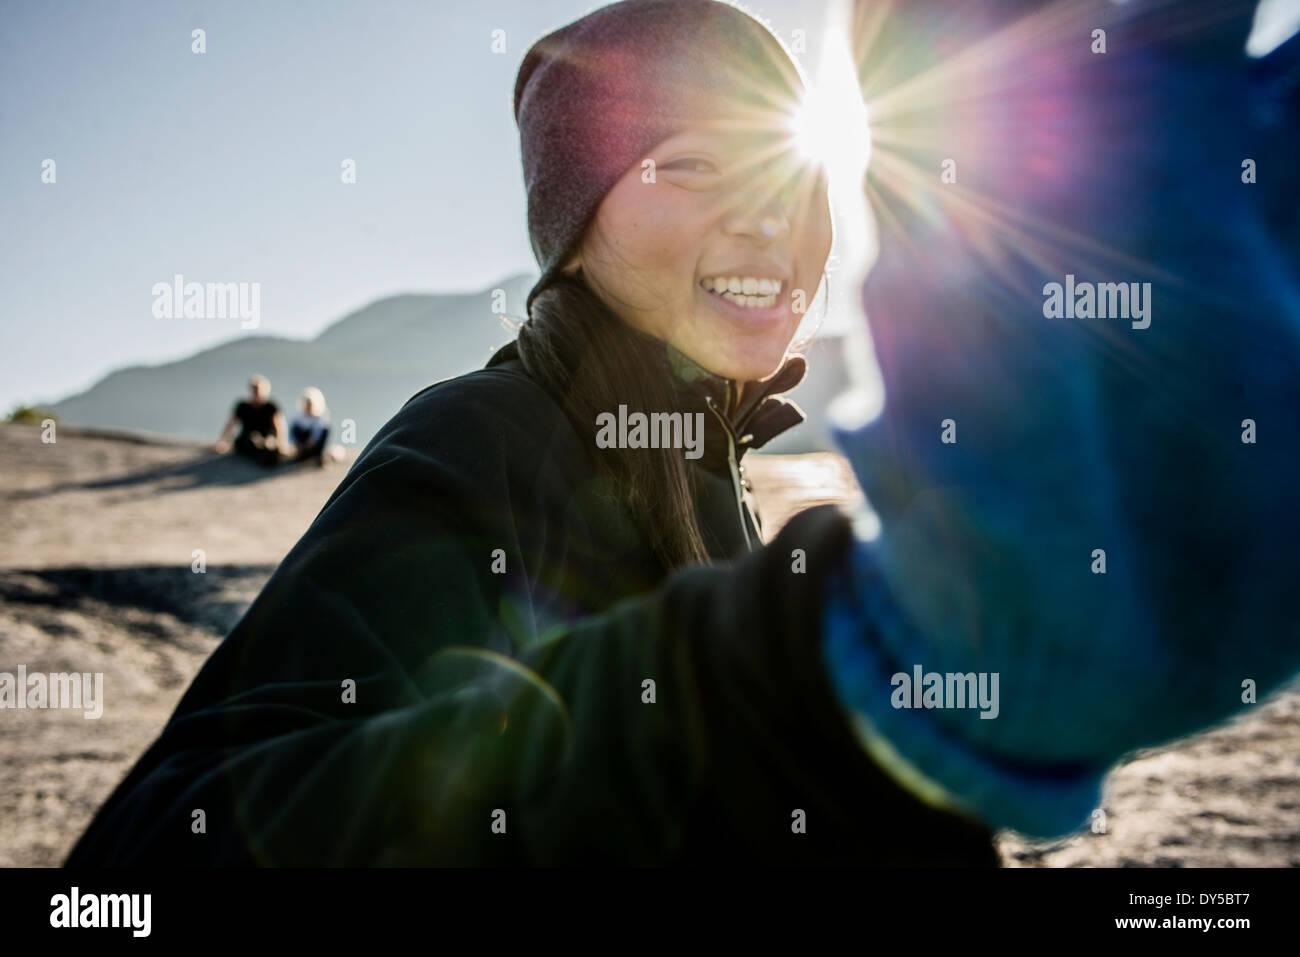 Porträt der schüchterne junge weibliche Wanderer, Squamish, British Columbia, Kanada Stockbild